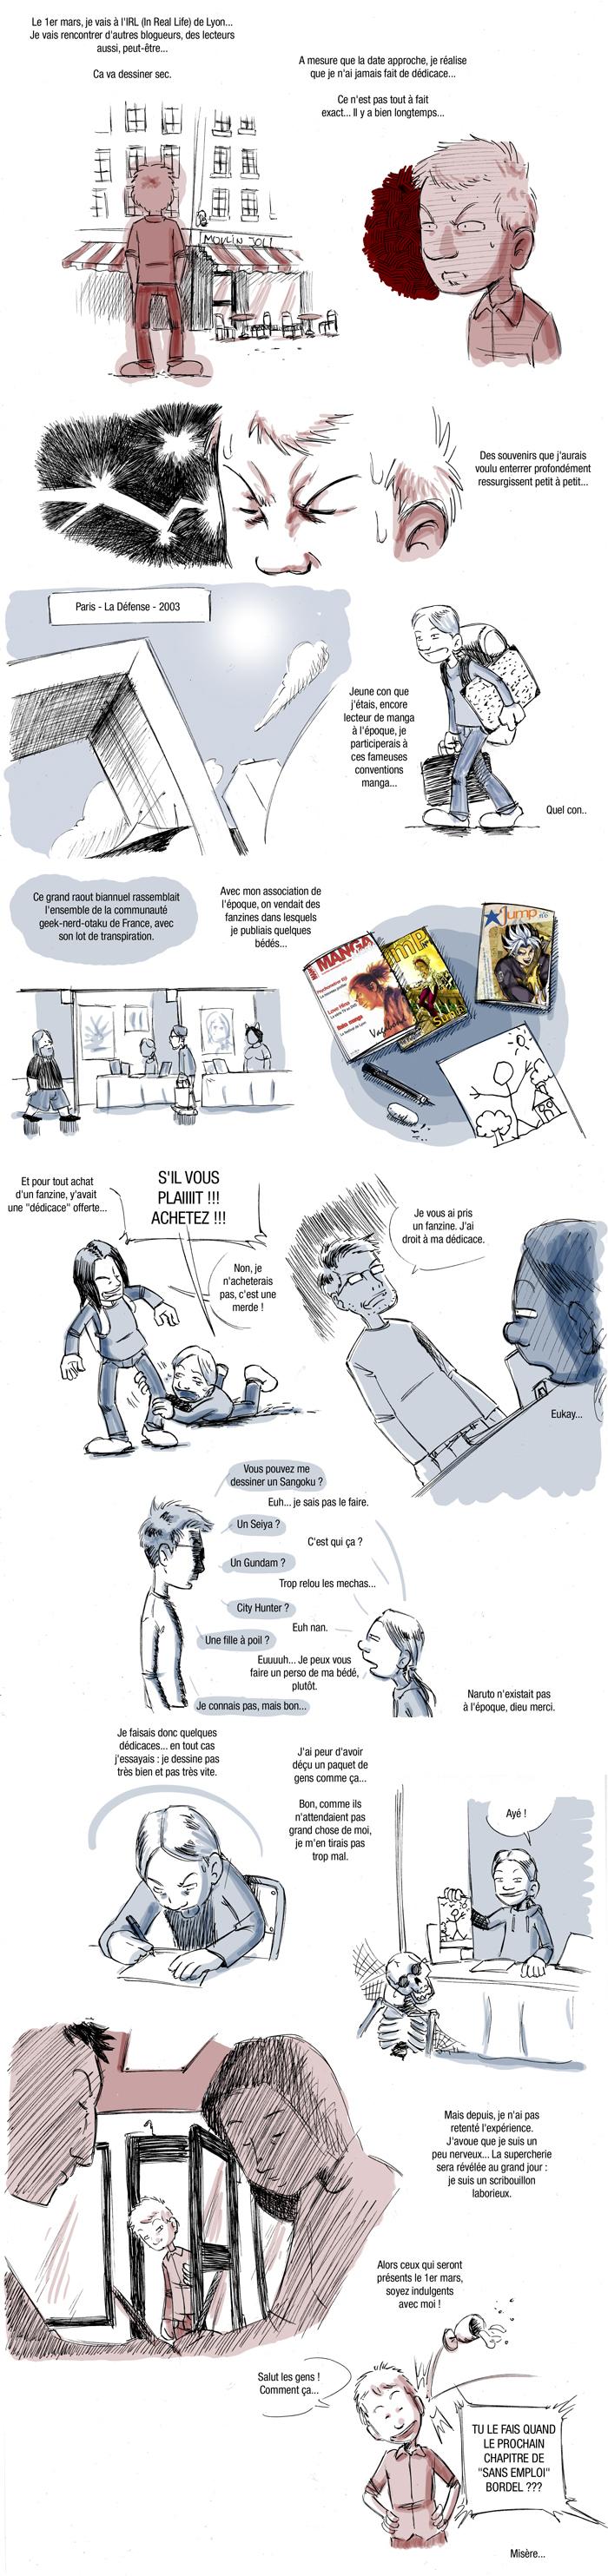 Hors-série #13